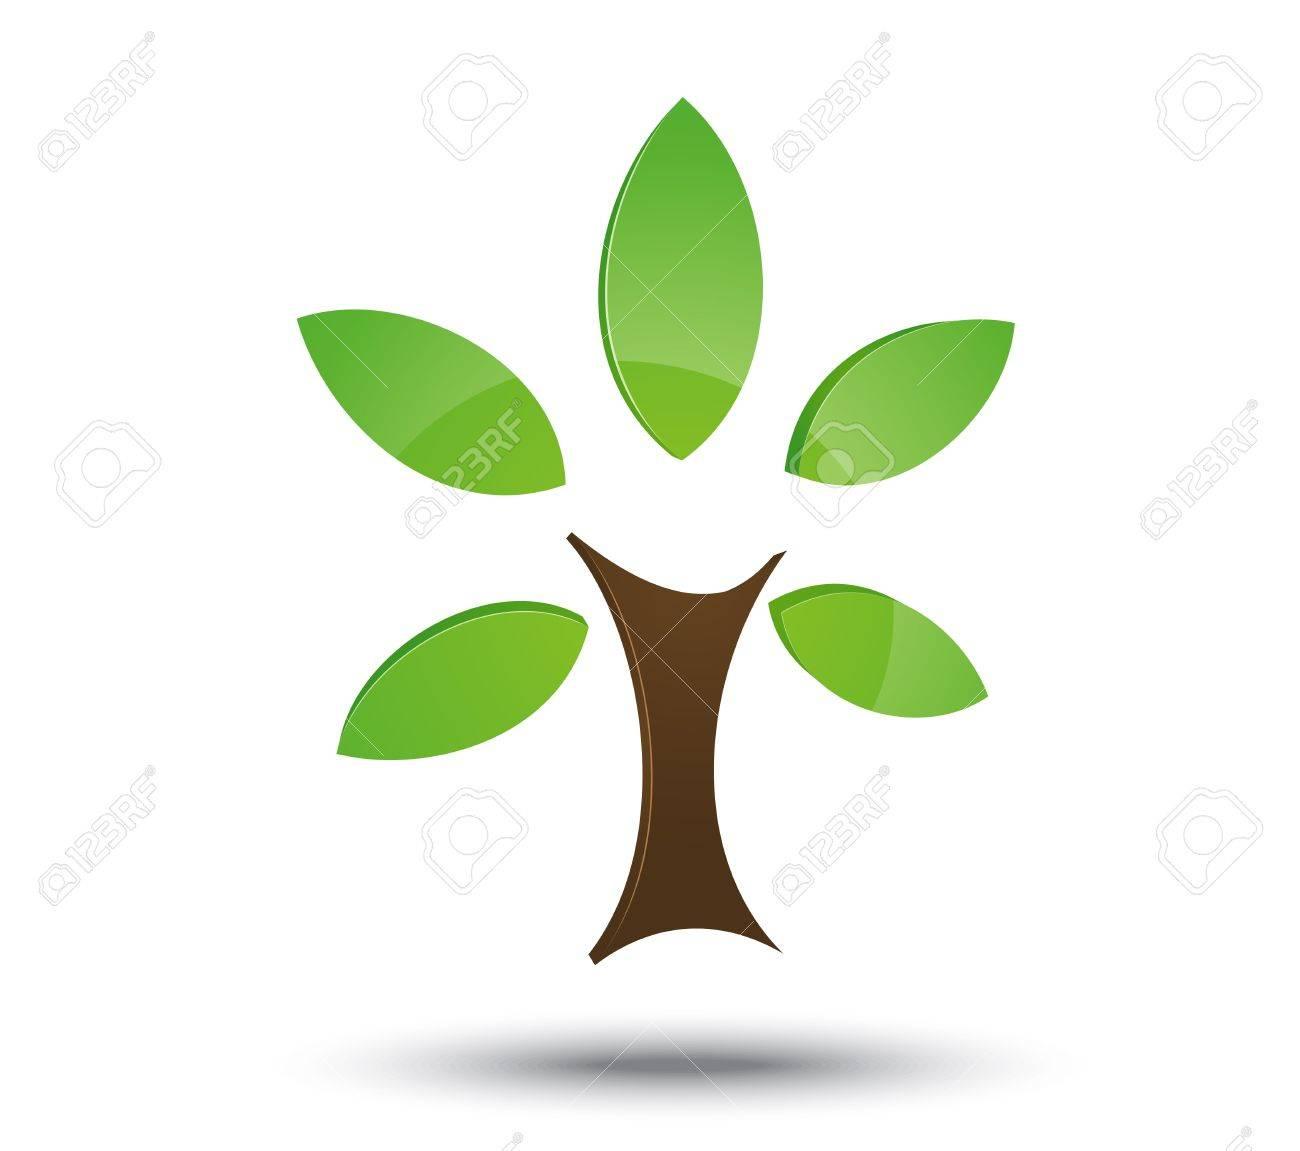 Tree icon Stock Vector - 20706627